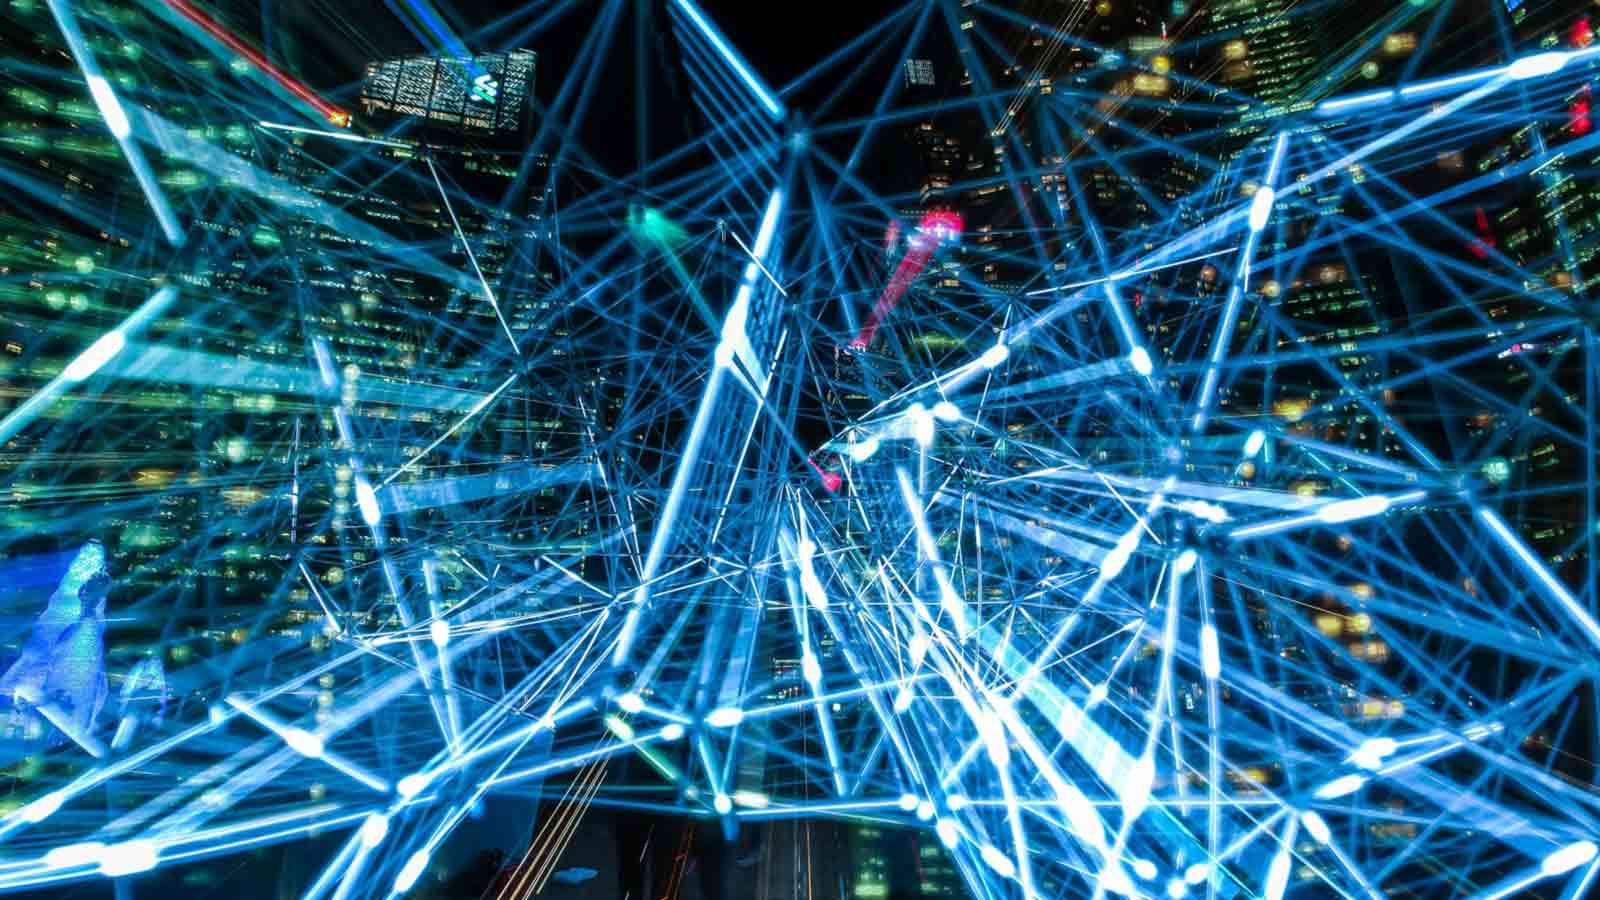 Geleceğin Meslekleri: Gelecekte Popüler Olacak 4 Meslek